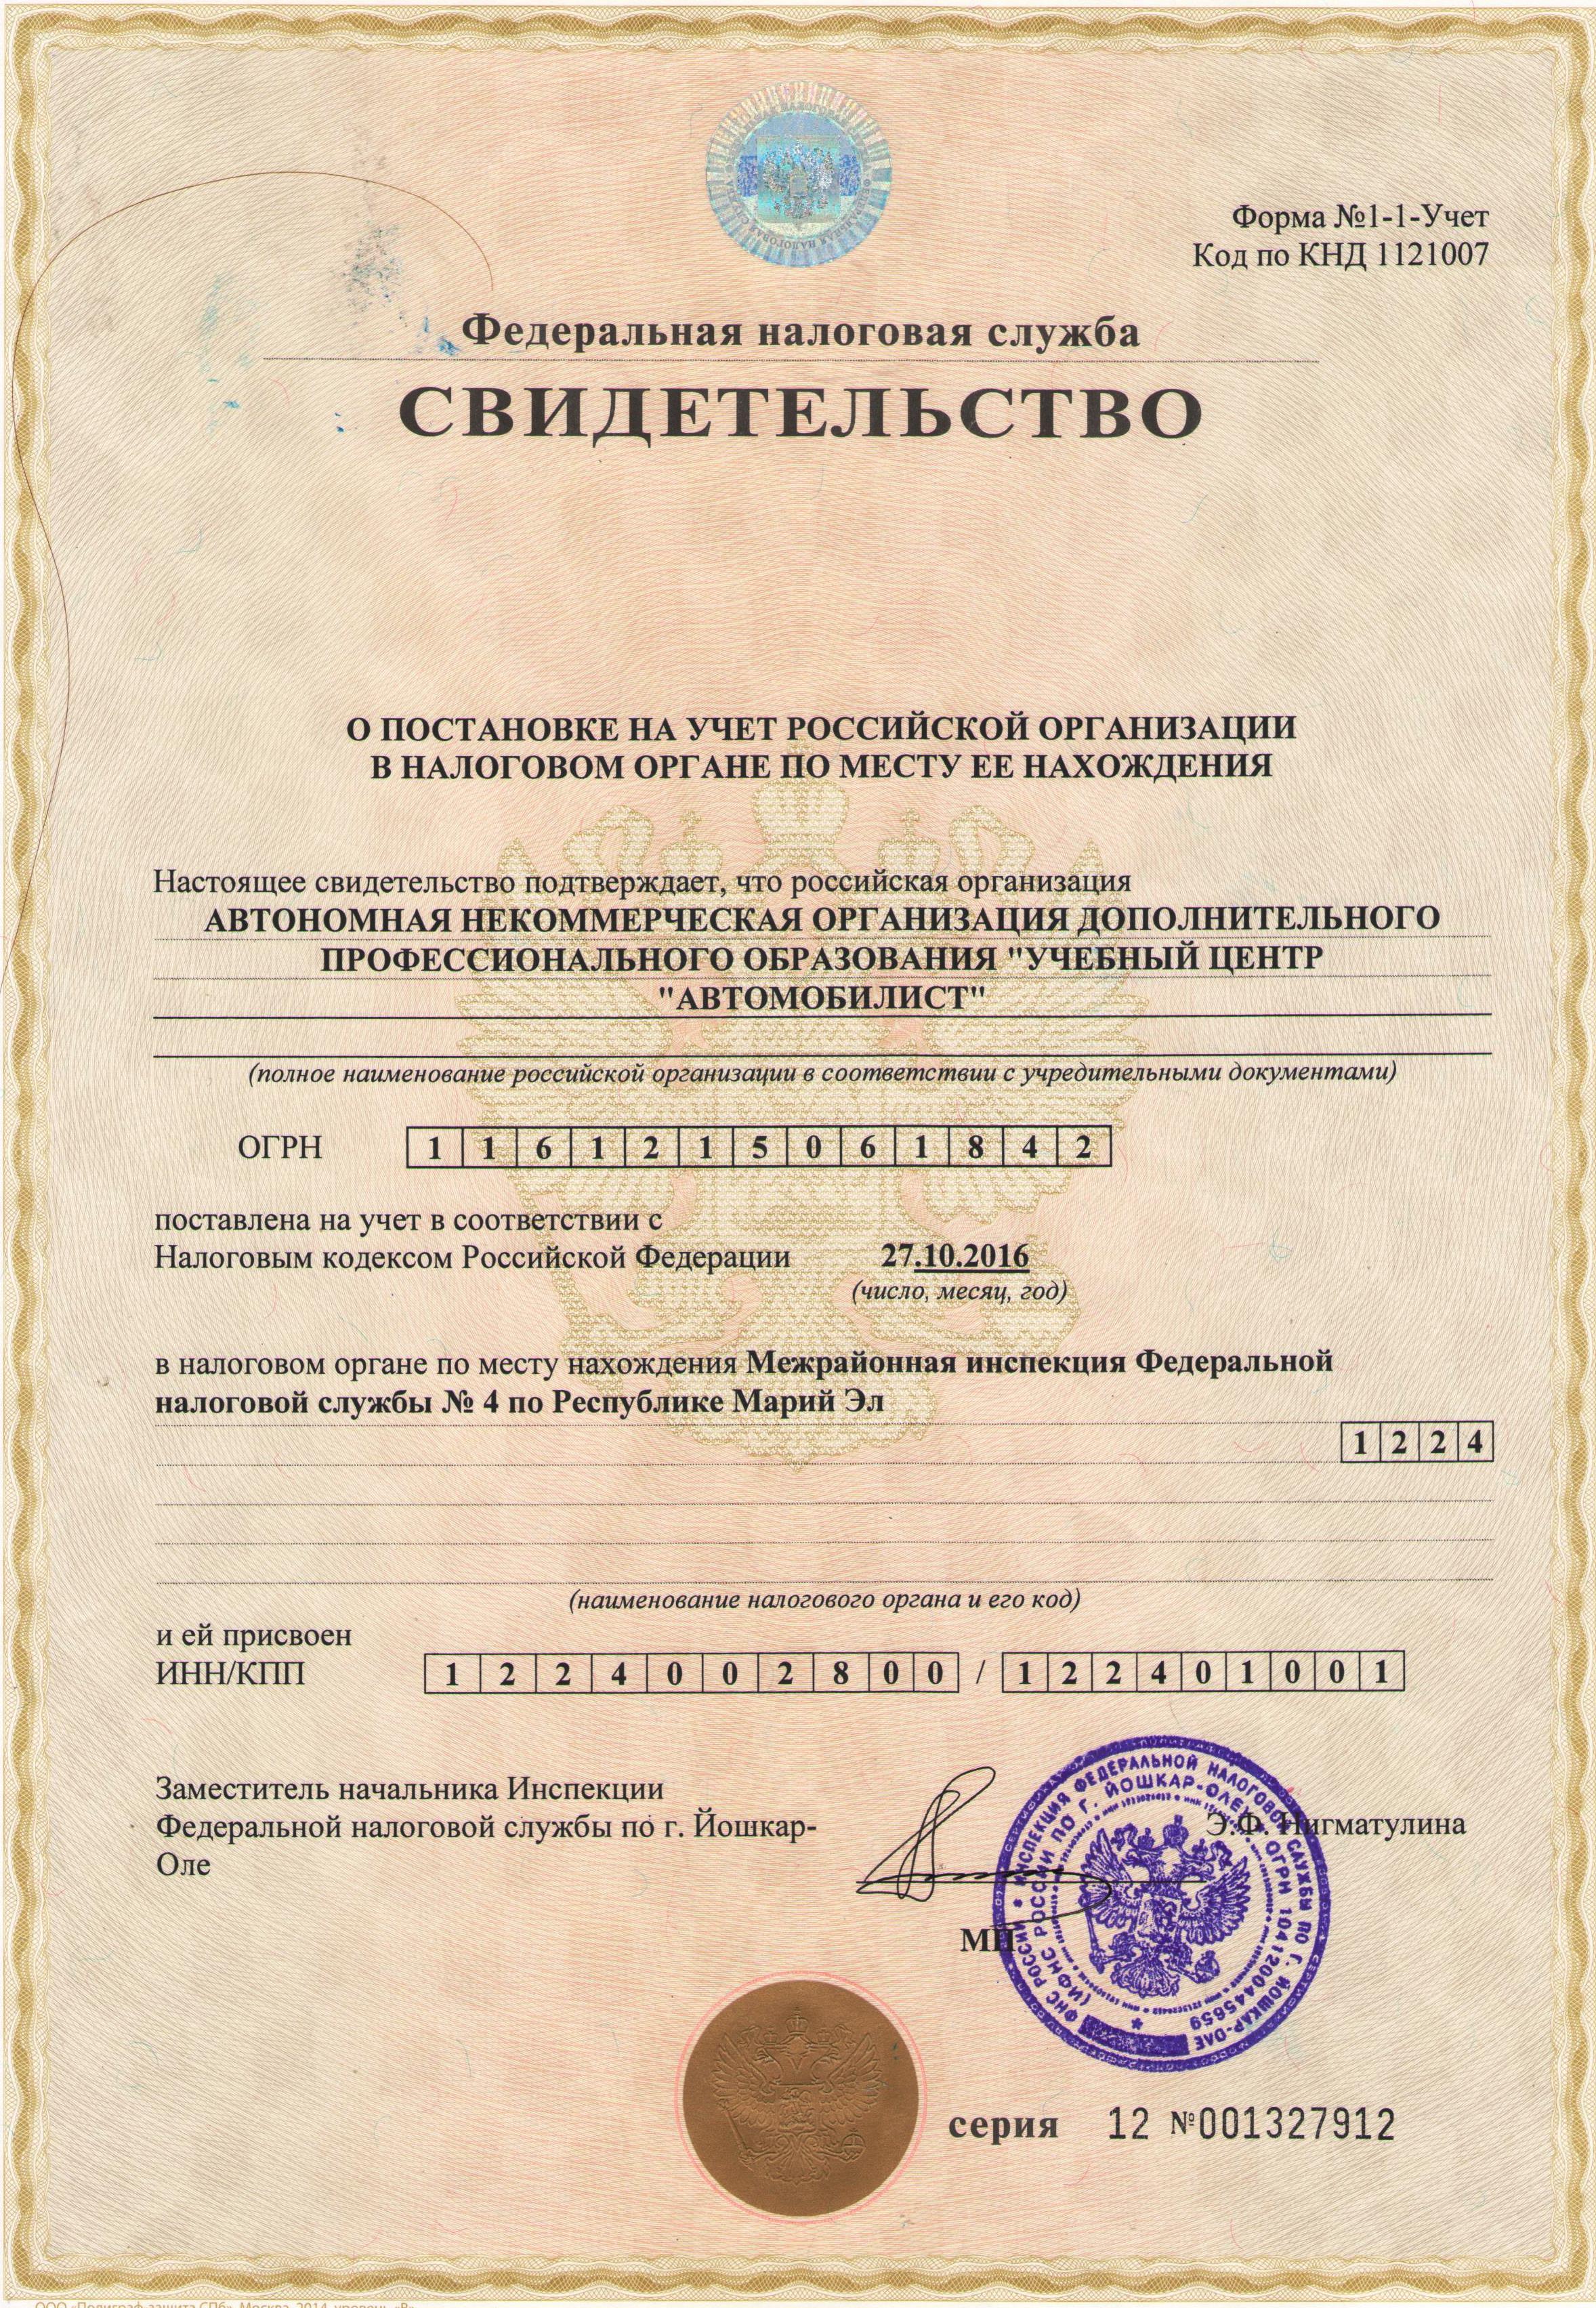 СВИДЕТЕЛЬСТВО о постановке на учёт в Налоговом органе (ИНН-КПП